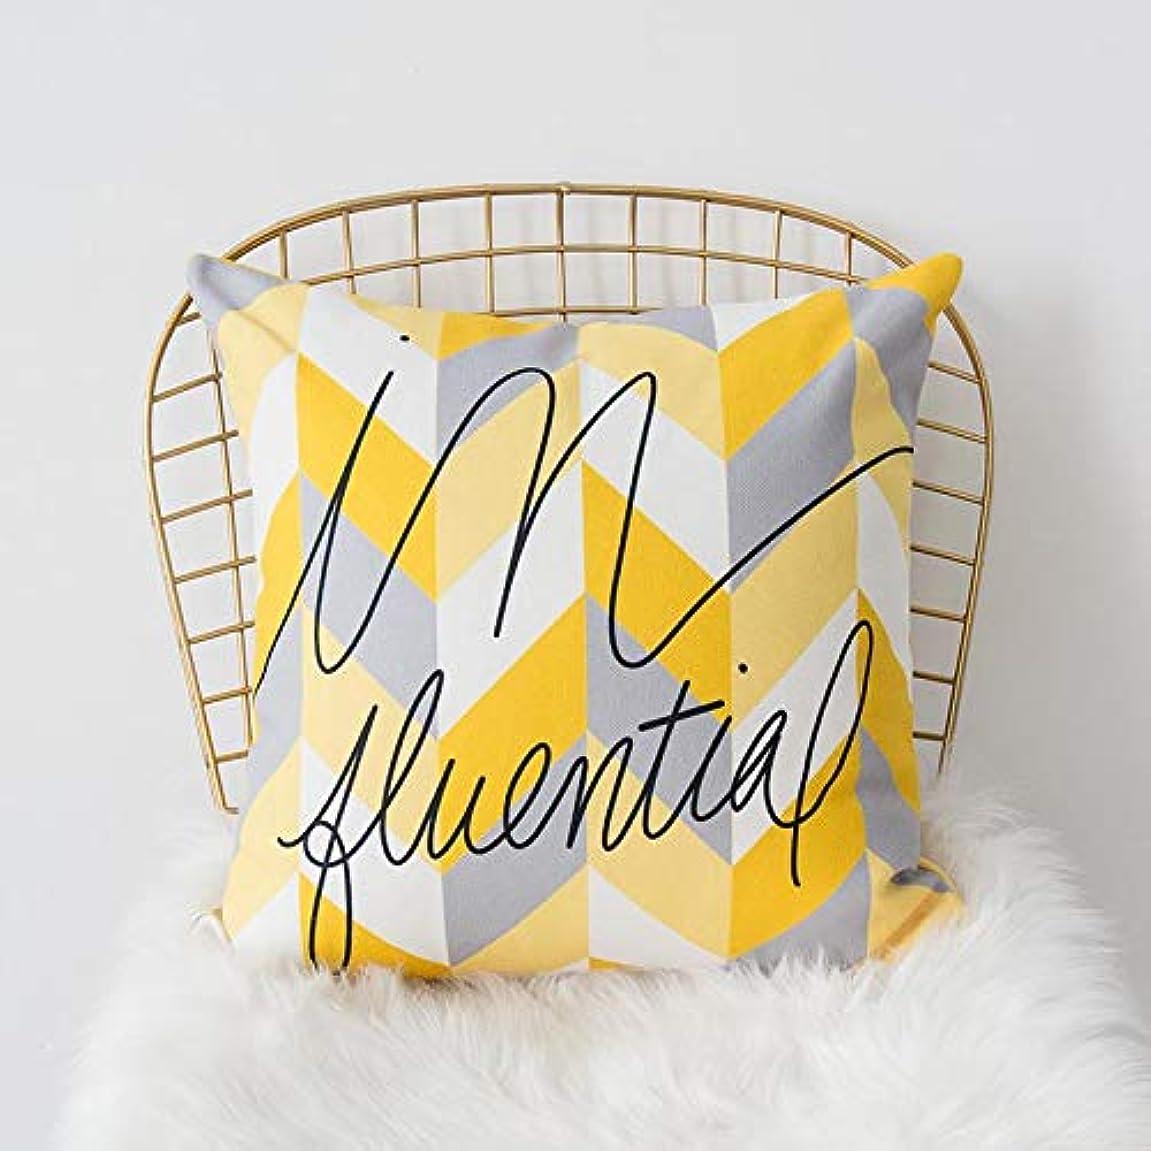 アンカー滅びるレオナルドダLIFE 黄色グレー枕北欧スタイル黄色ヘラジカ幾何枕リビングルームのインテリアソファクッション Cojines 装飾良質 クッション 椅子